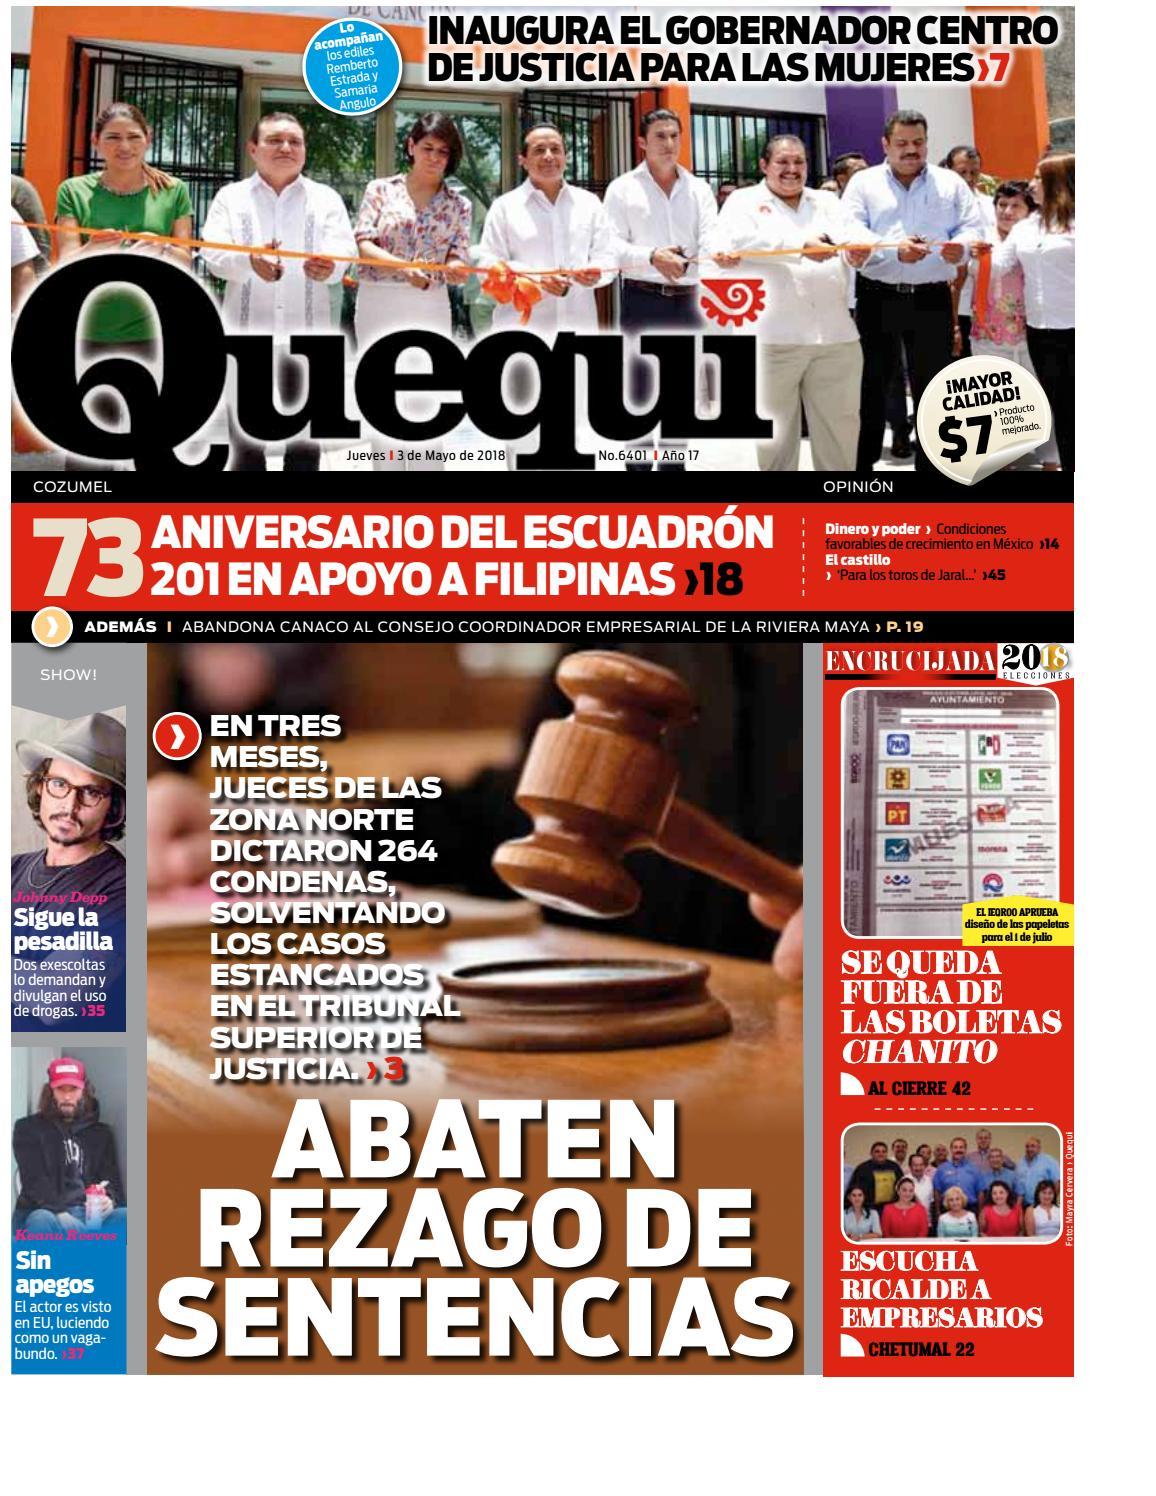 27c2b62241 TU PERIODICO QUEQUI by Quequi - issuu